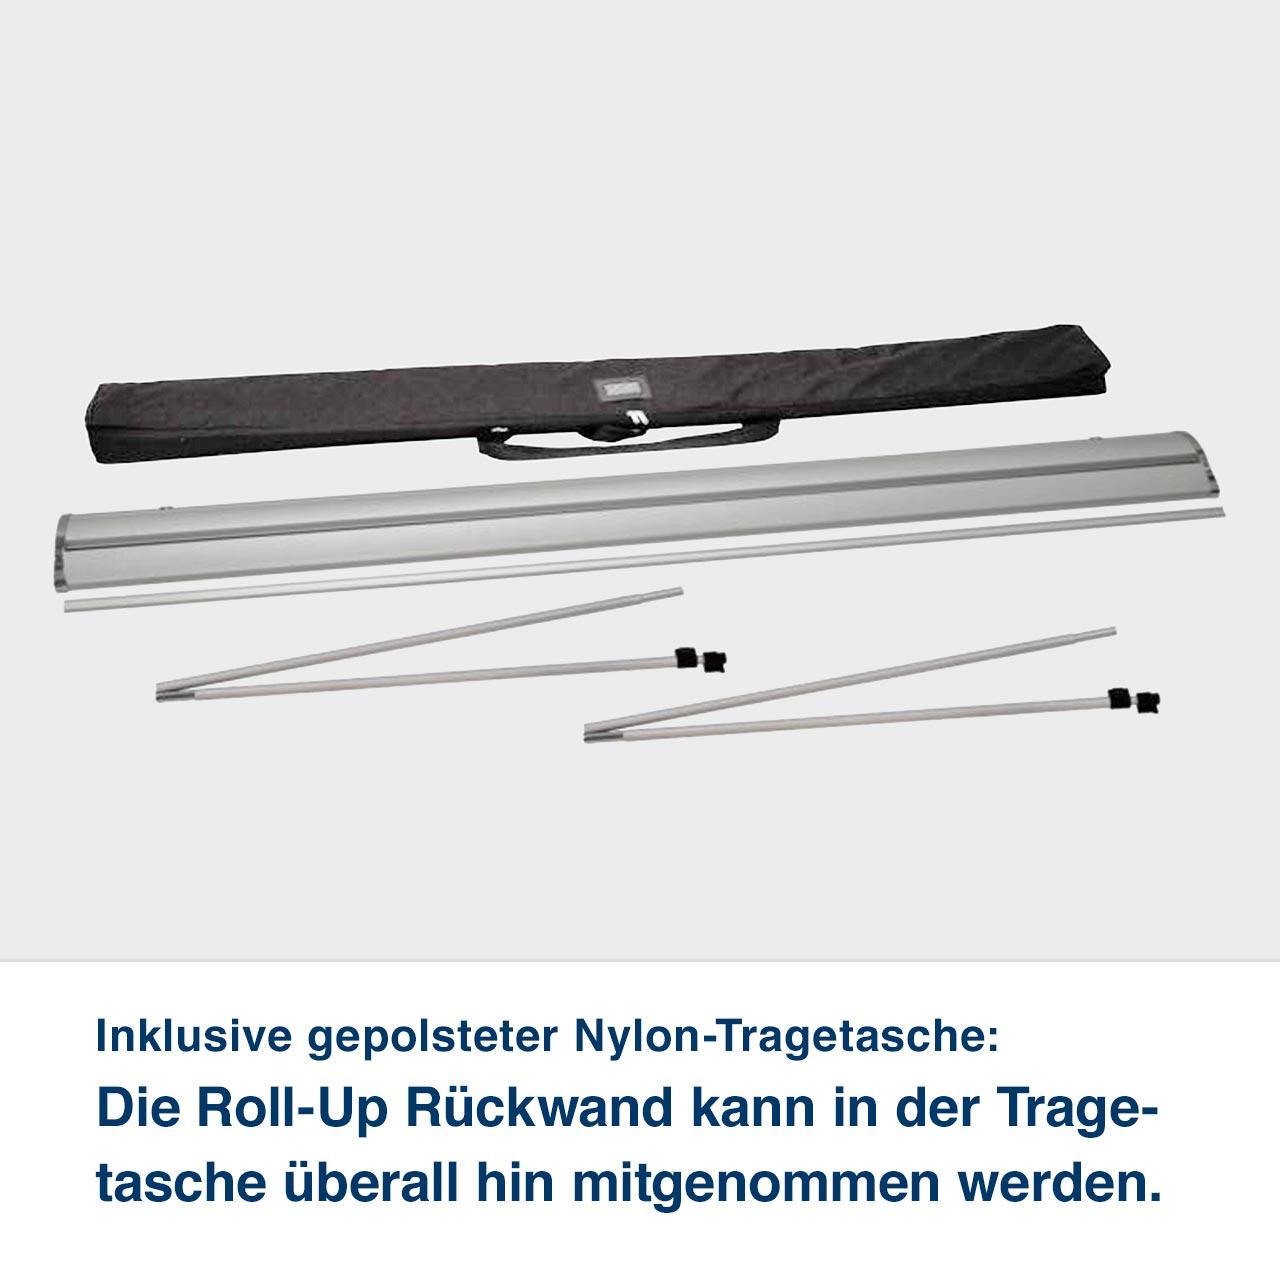 Inklusive gepolsteter Nylon-Tragetasche:   Die Roll-Up Rückwand kann in der Trage- tasche überall hin mitgenommen werden. für